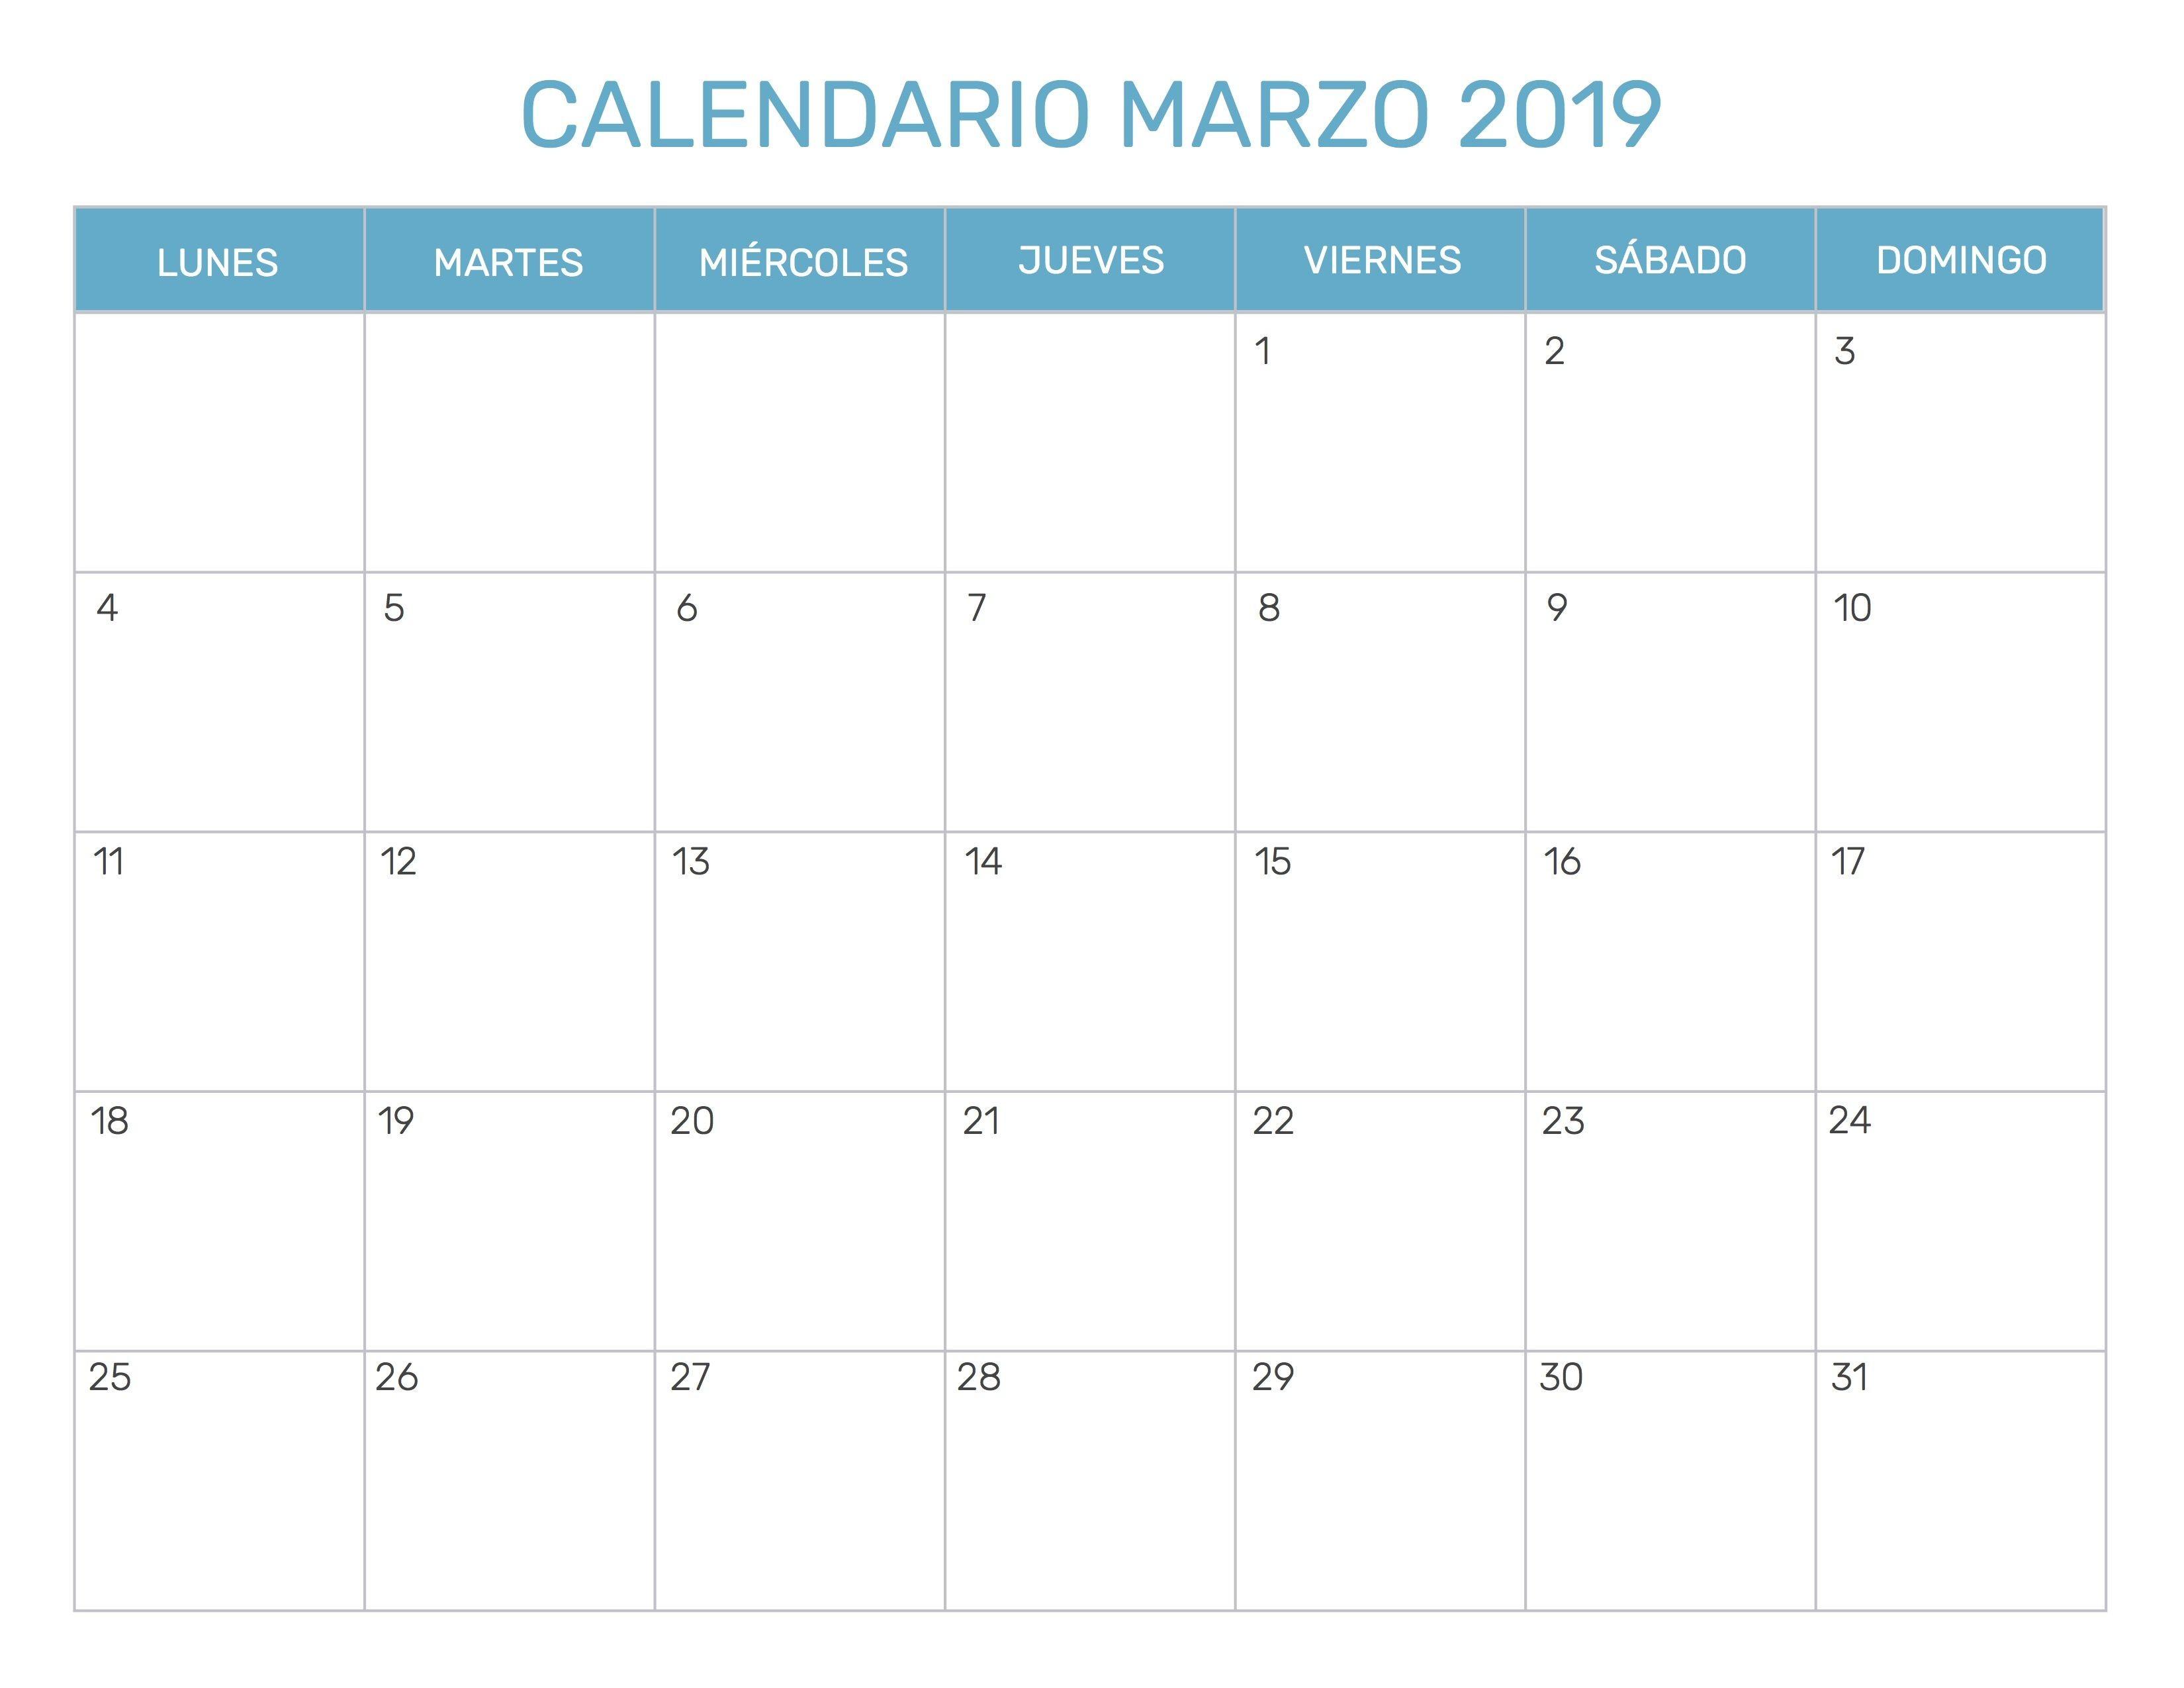 Calendario Semanal Por Horas Para Imprimir Recientes Descargar Cuadrante Mensual De Horas Trabajadas 2019 Of Calendario Semanal Por Horas Para Imprimir Más Recientes Blog Posts Sitio torrent